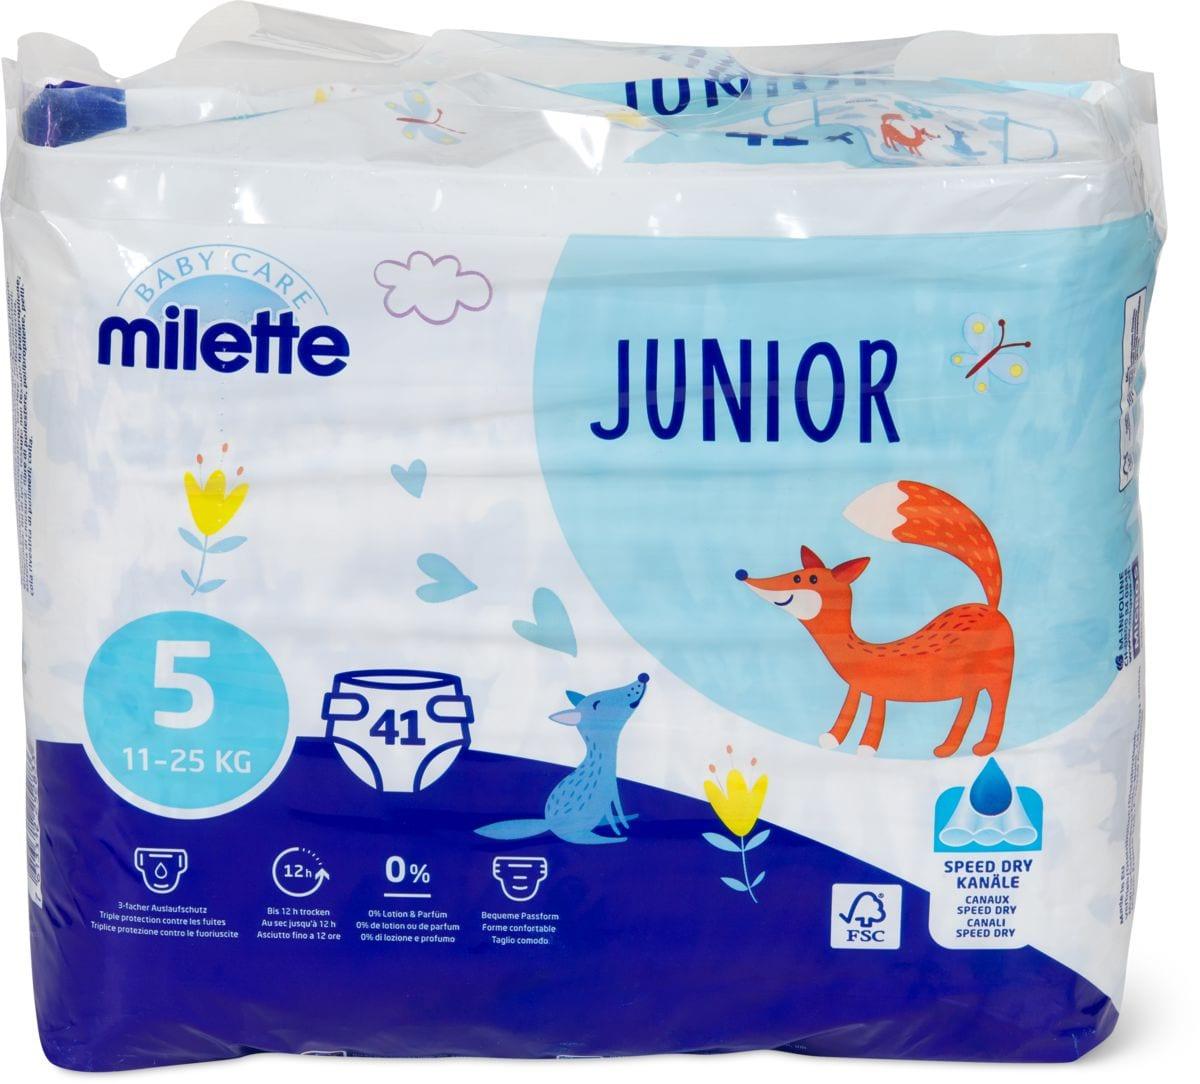 Milette Junior 5, 11-25kg